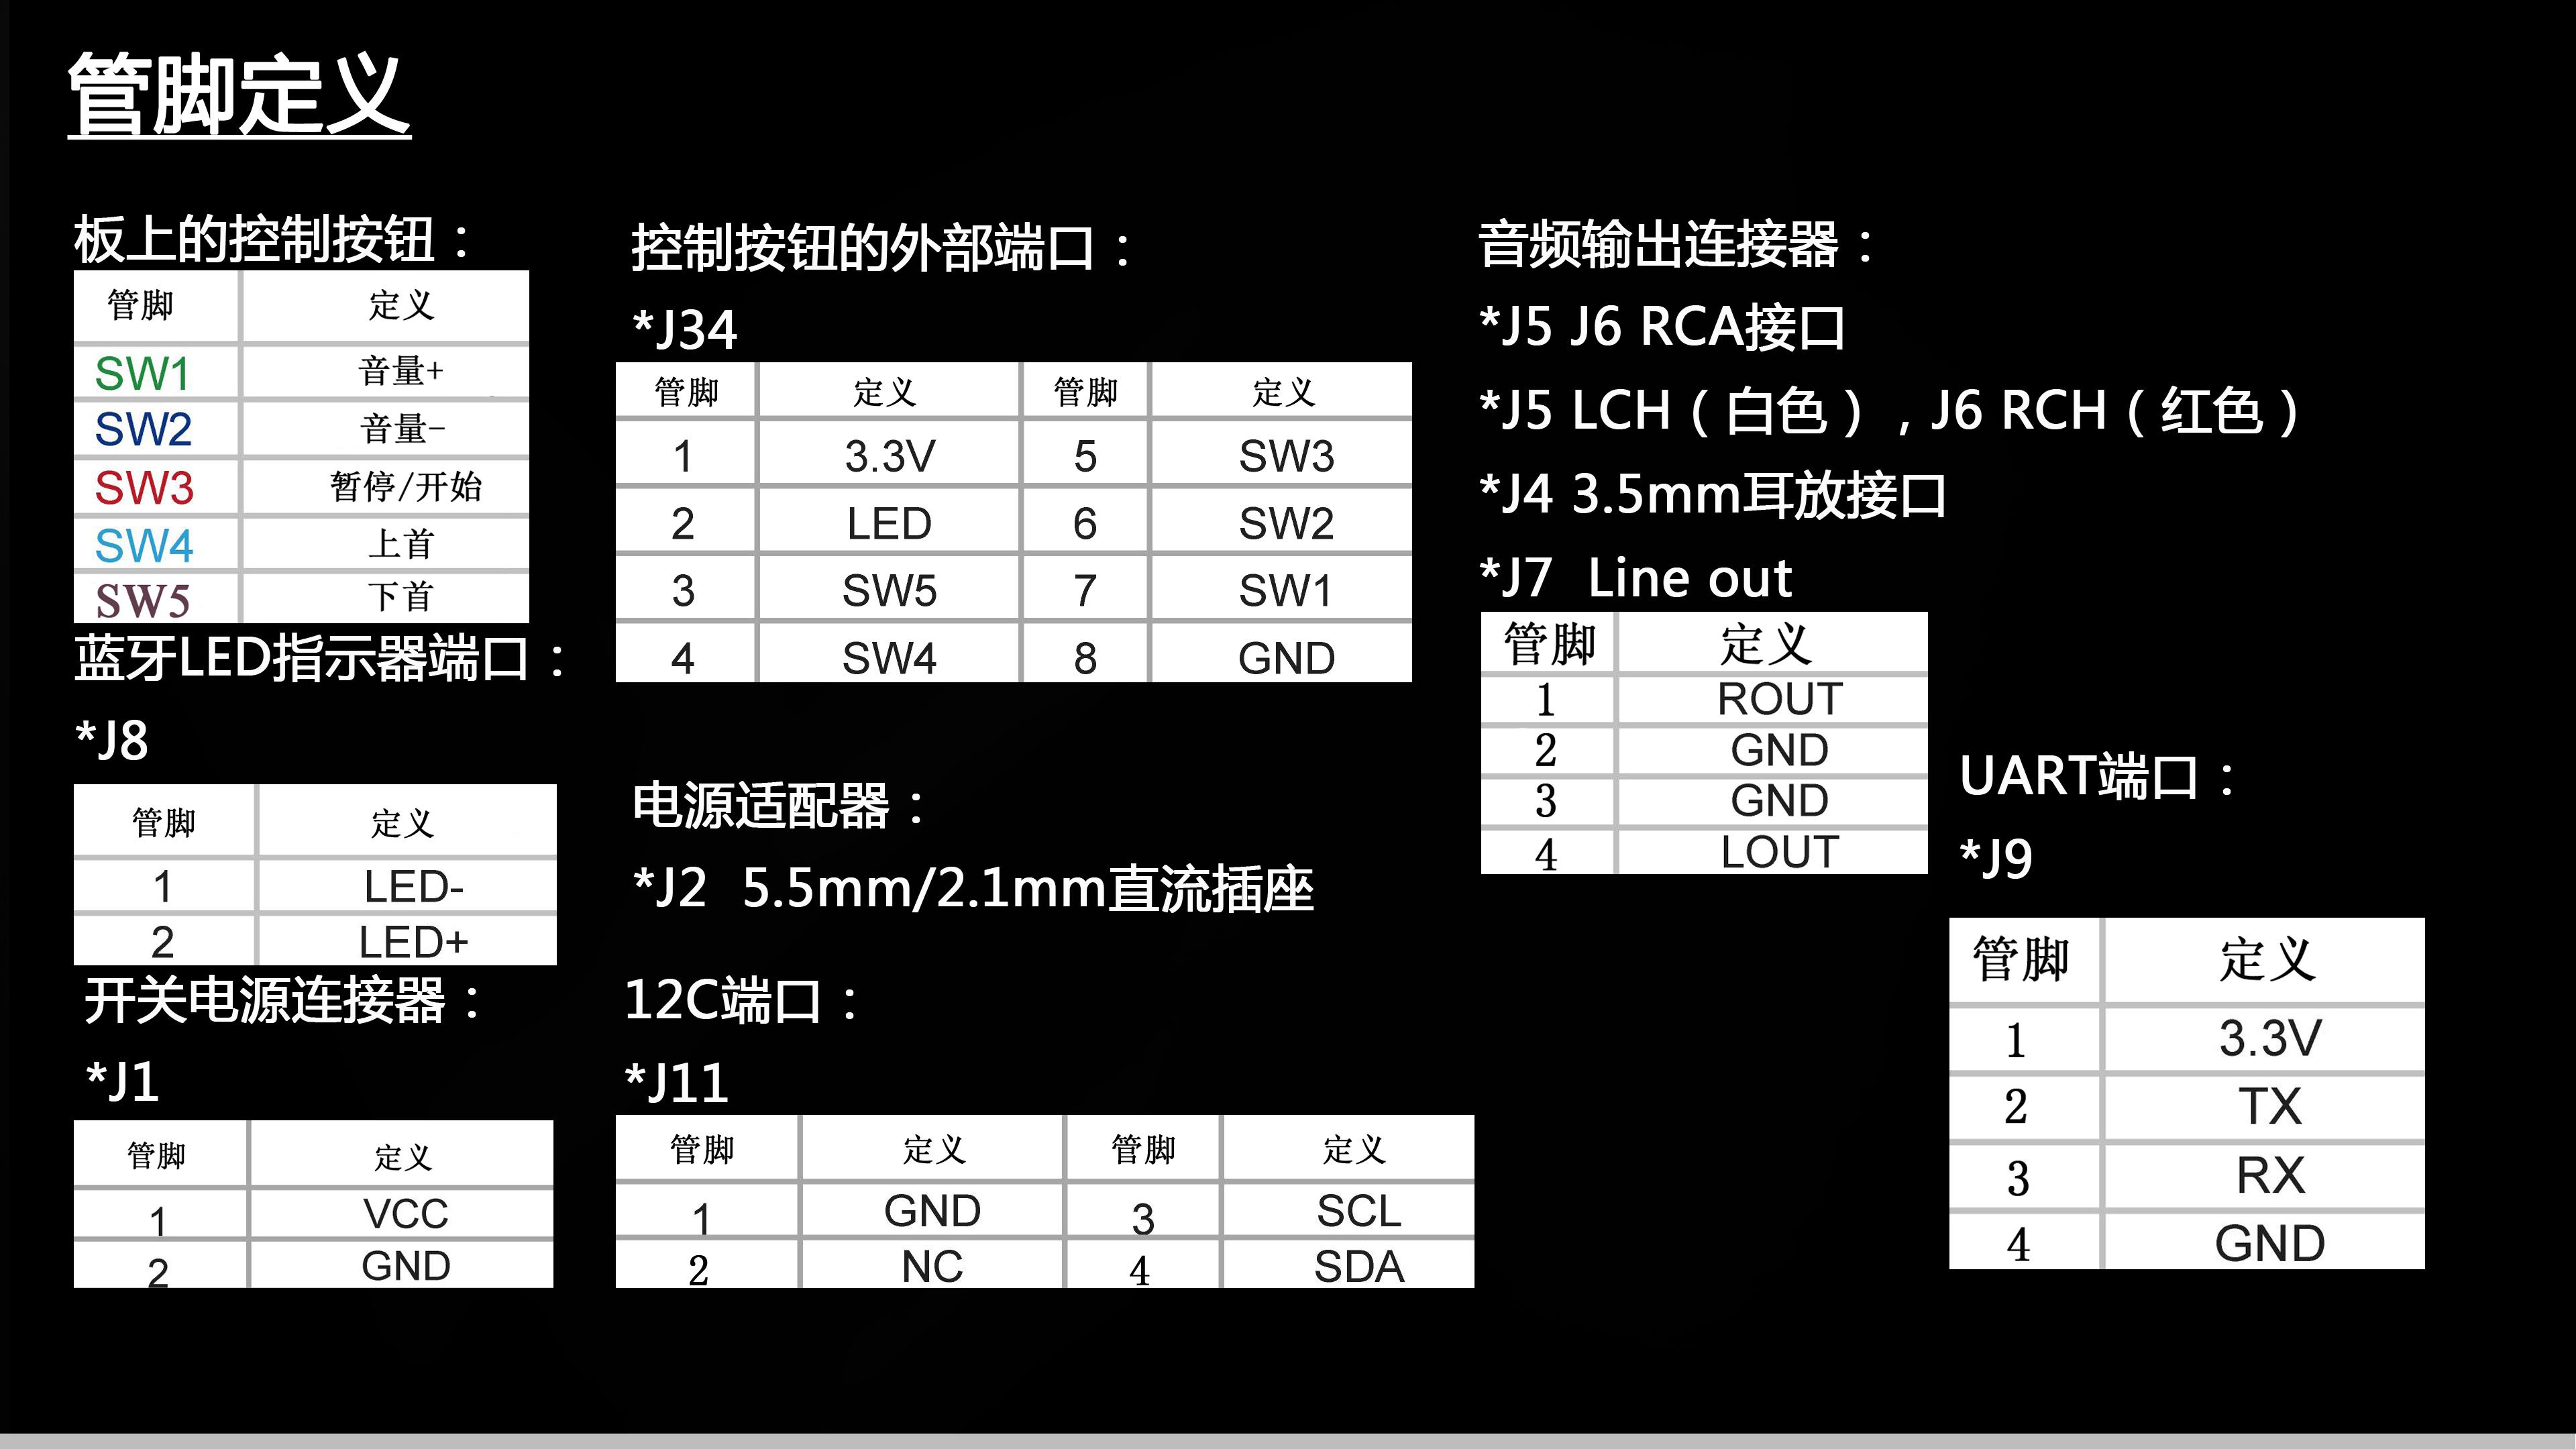 NEW Genie GS1930 2032 Wire Harness Genie 96013 96013GT